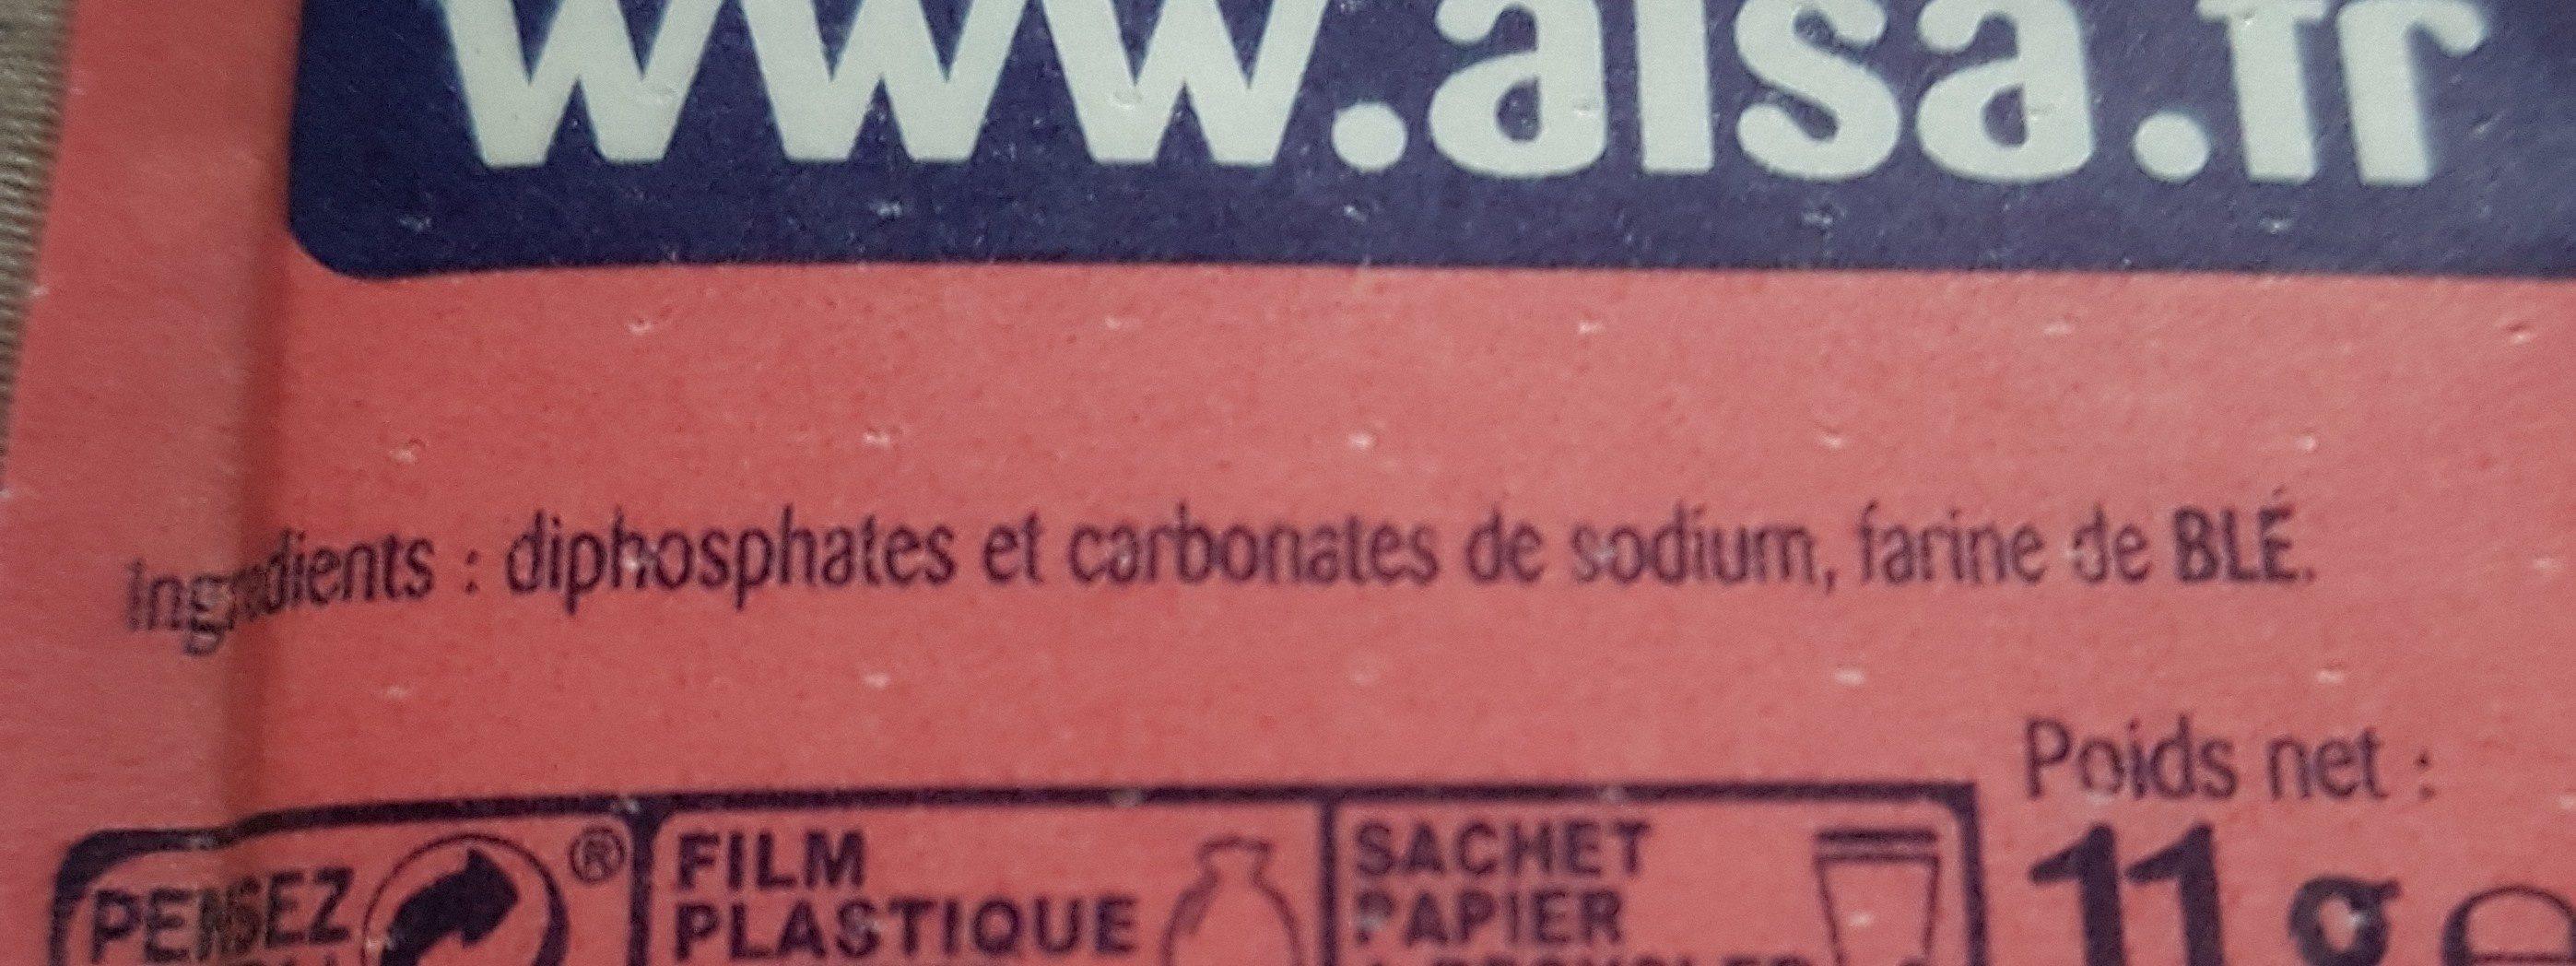 """Levure chimique """"Alsacienne"""" - Ingrediënten"""